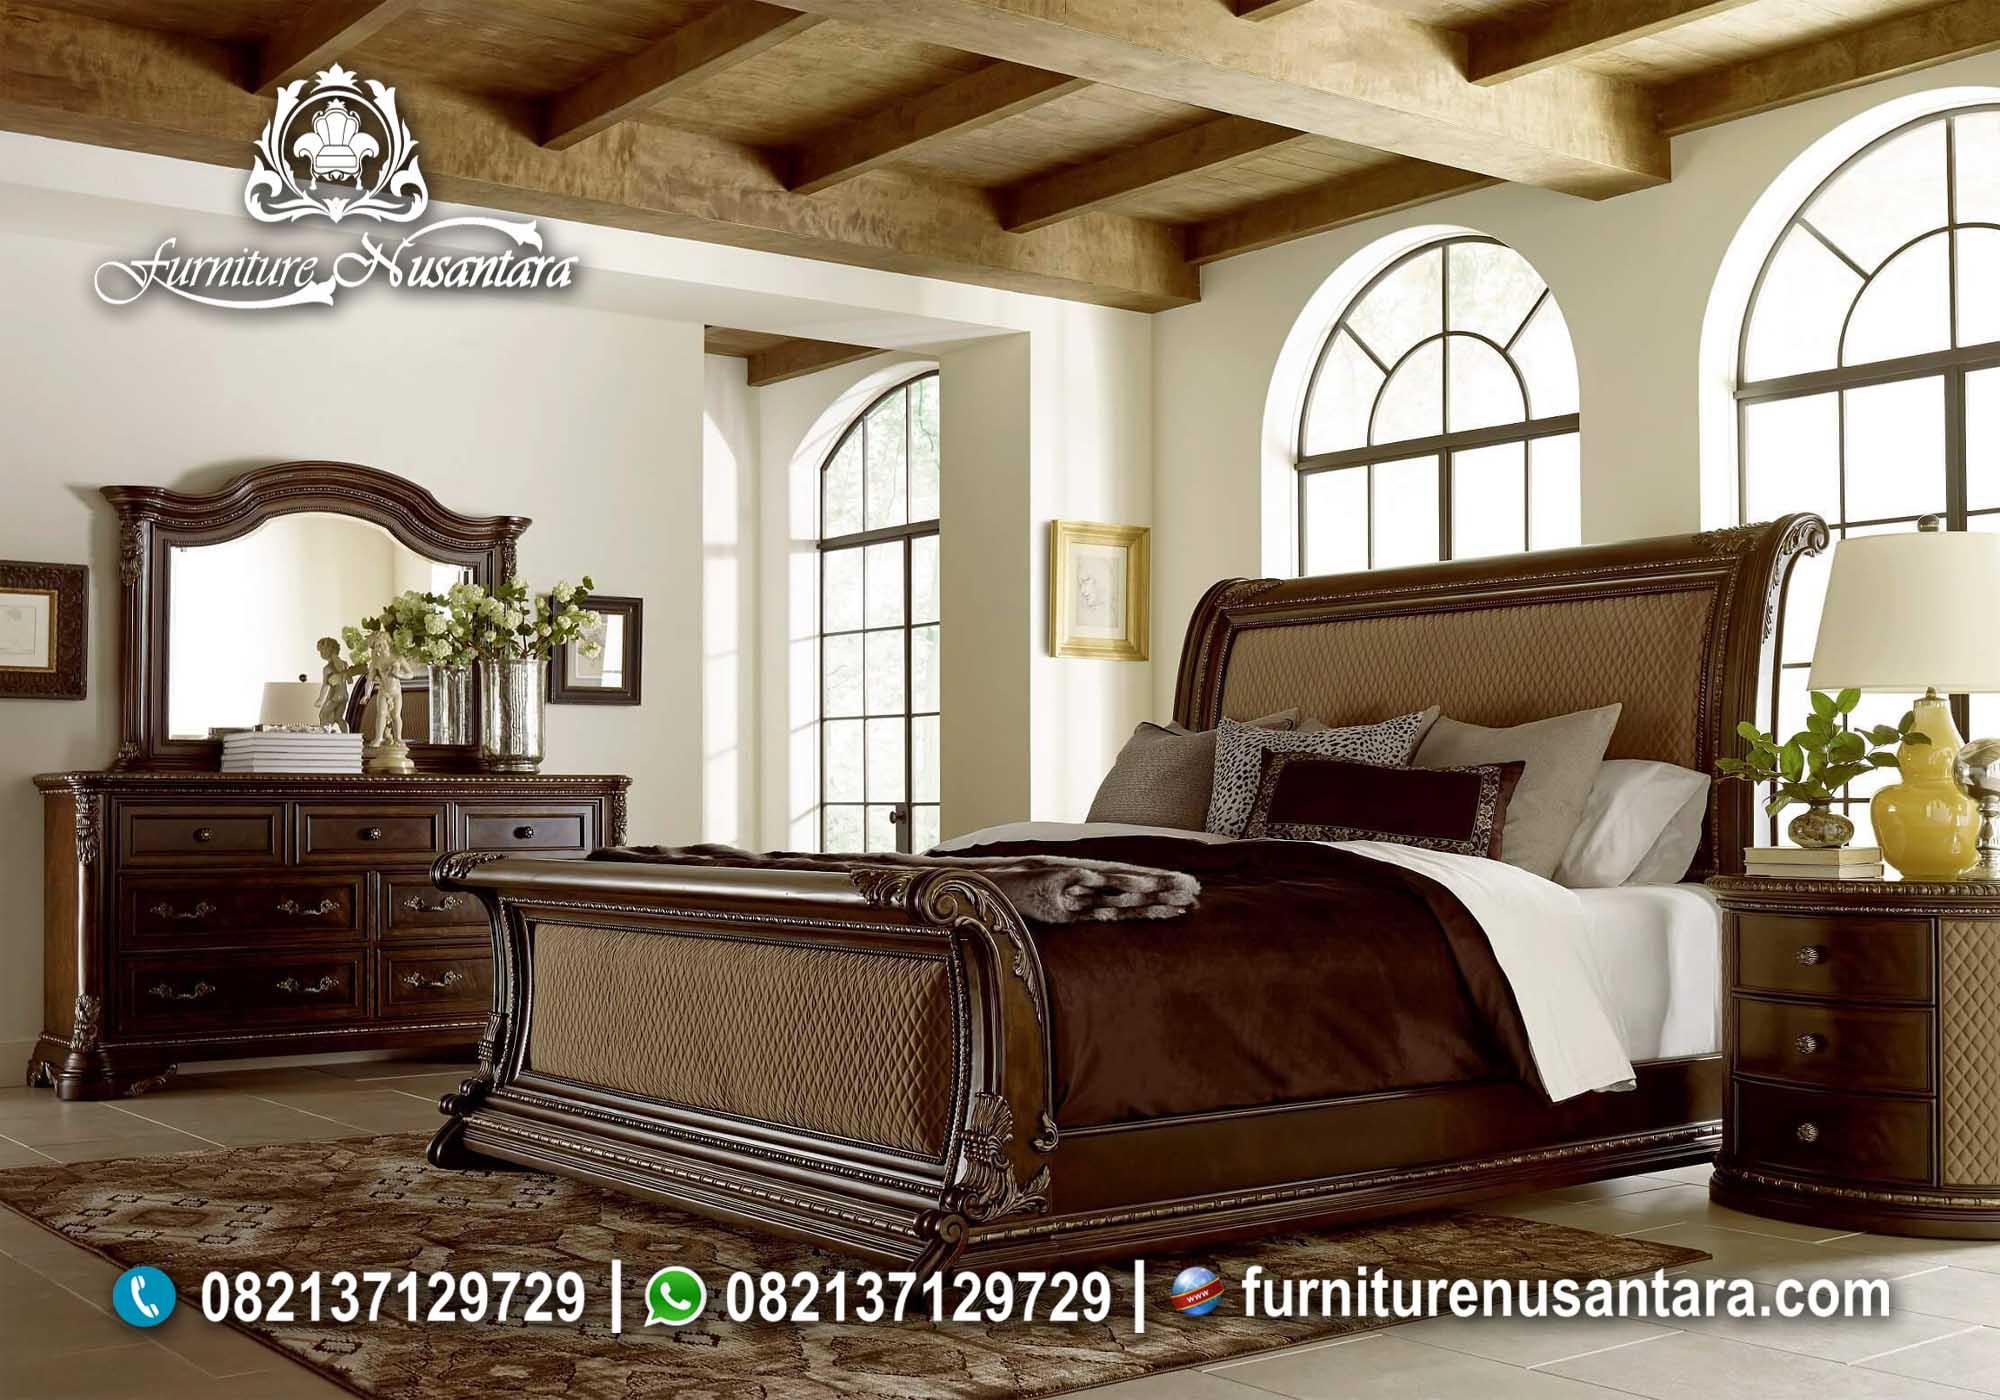 Kamar Set Mewah Modern Terbaru KS-17, Furniture Nusantara